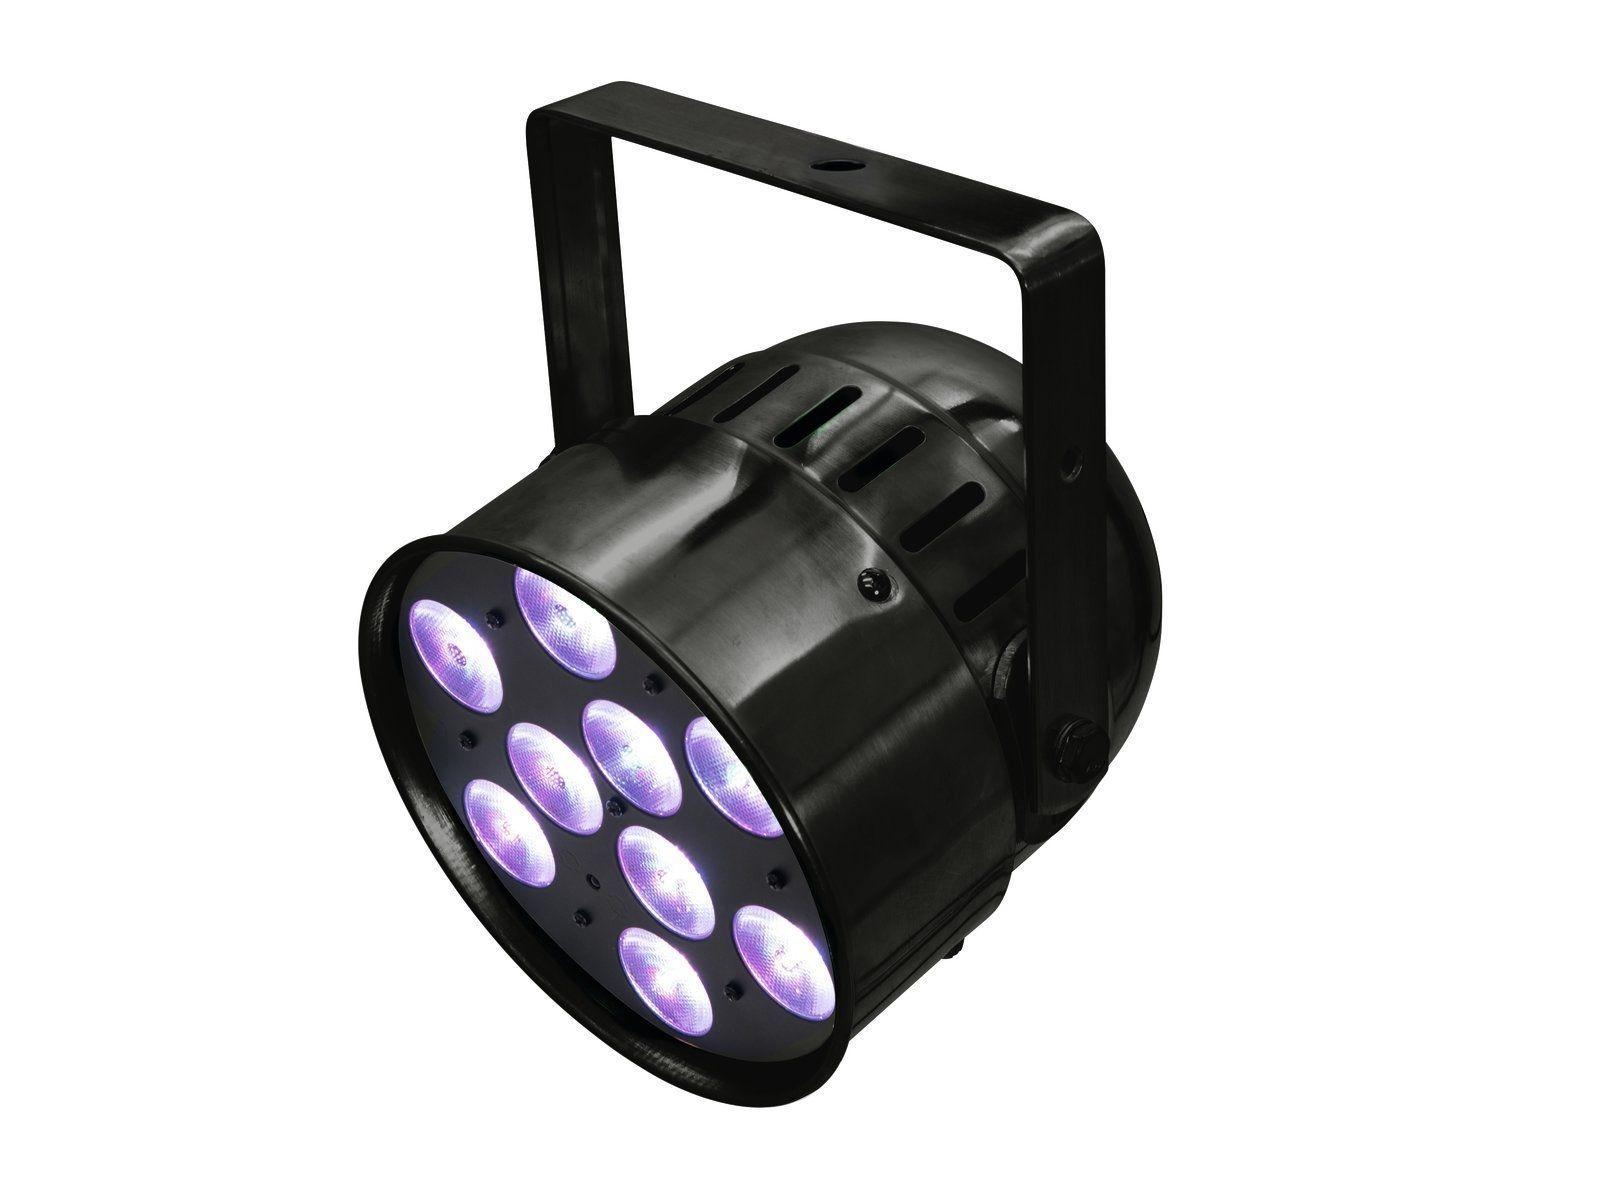 EUROLITE LED PAR-56 HCL Short schwarz PAR-Scheinwerfer mit RGBAW+UV-Farbmischung